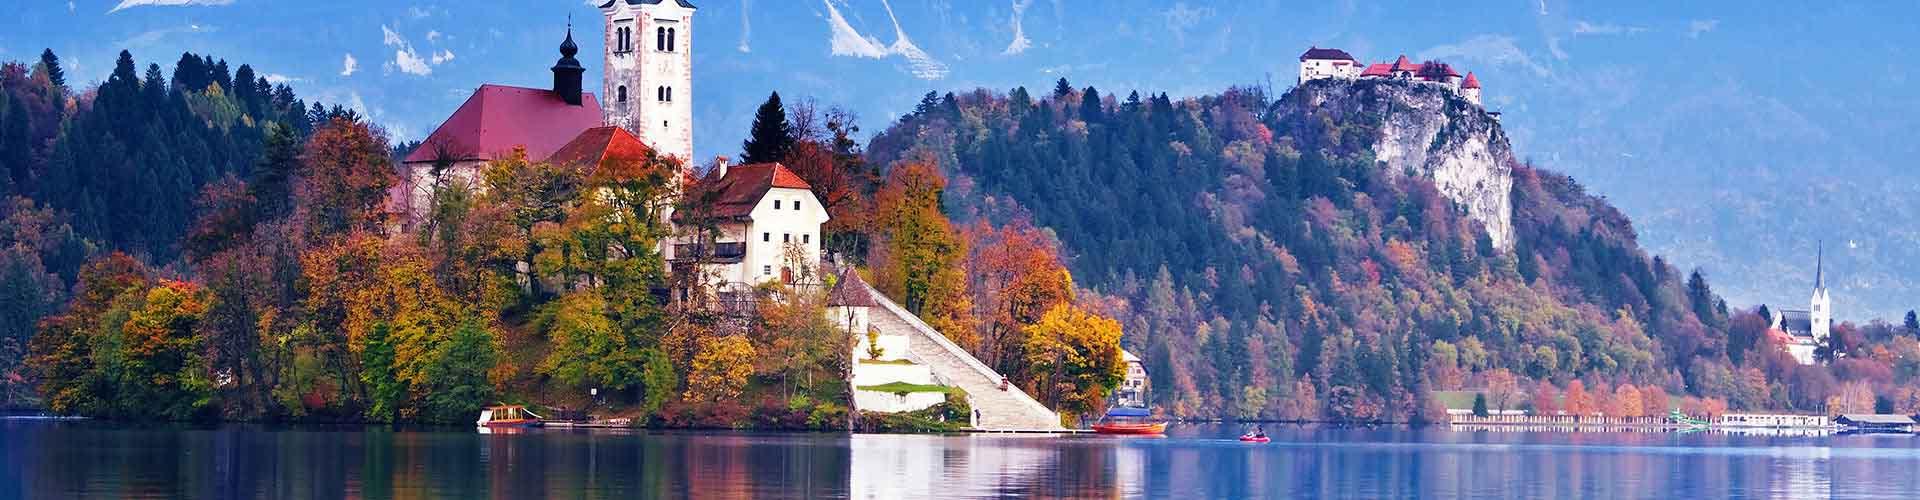 Bled - Hostelů v Bled. Mapy pro Bled, fotky a recenze pro každý hostel v Bled.